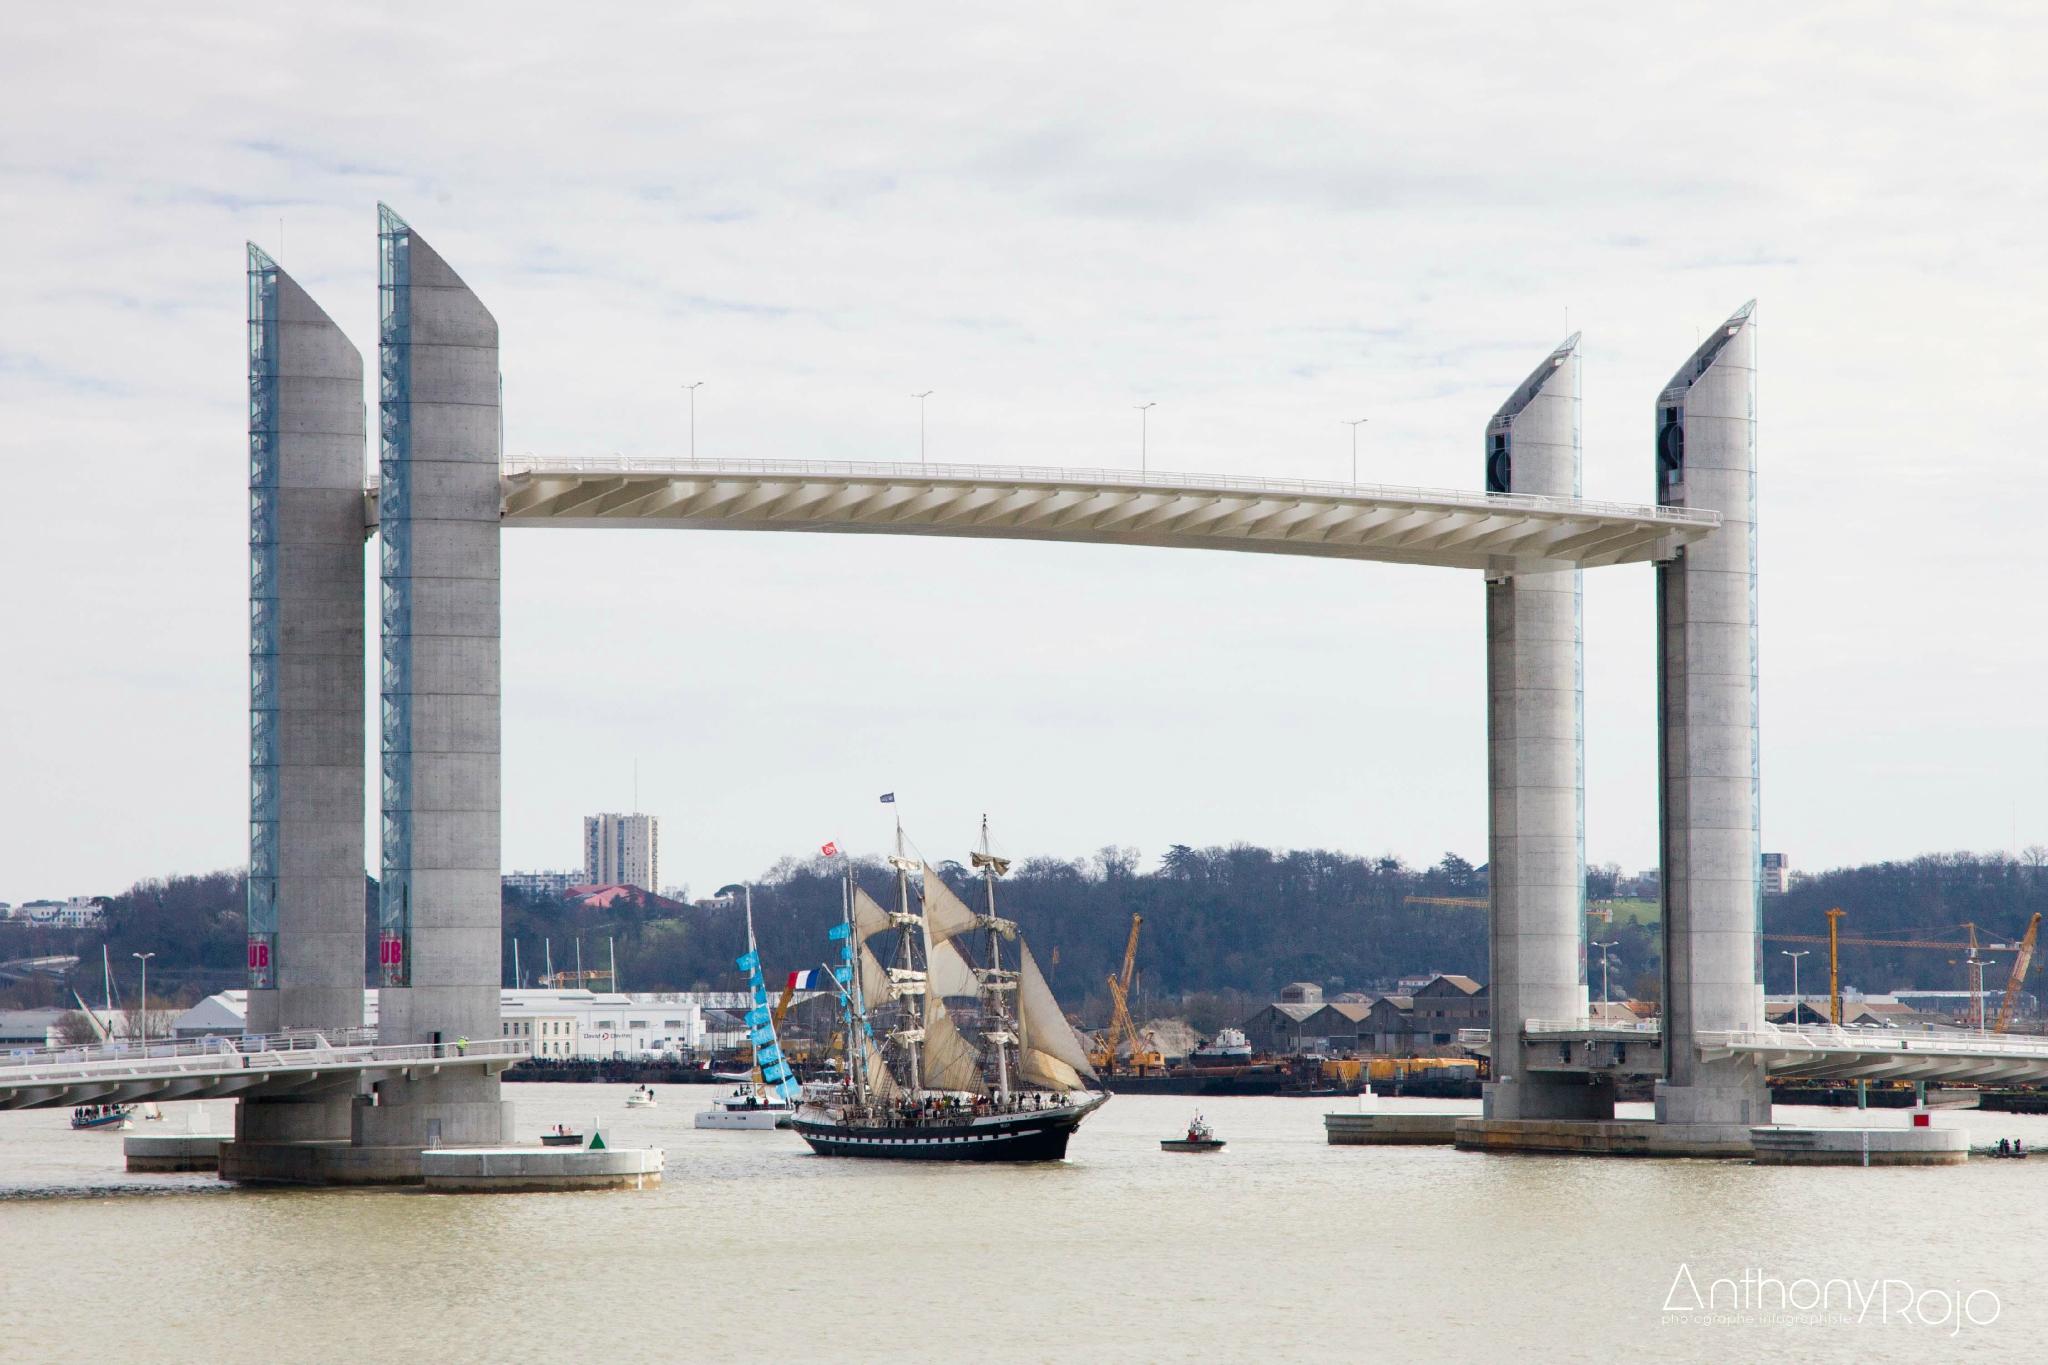 Les 10 plus beaux ponts de france les petits frenchies - Les ponts de bordeaux ...